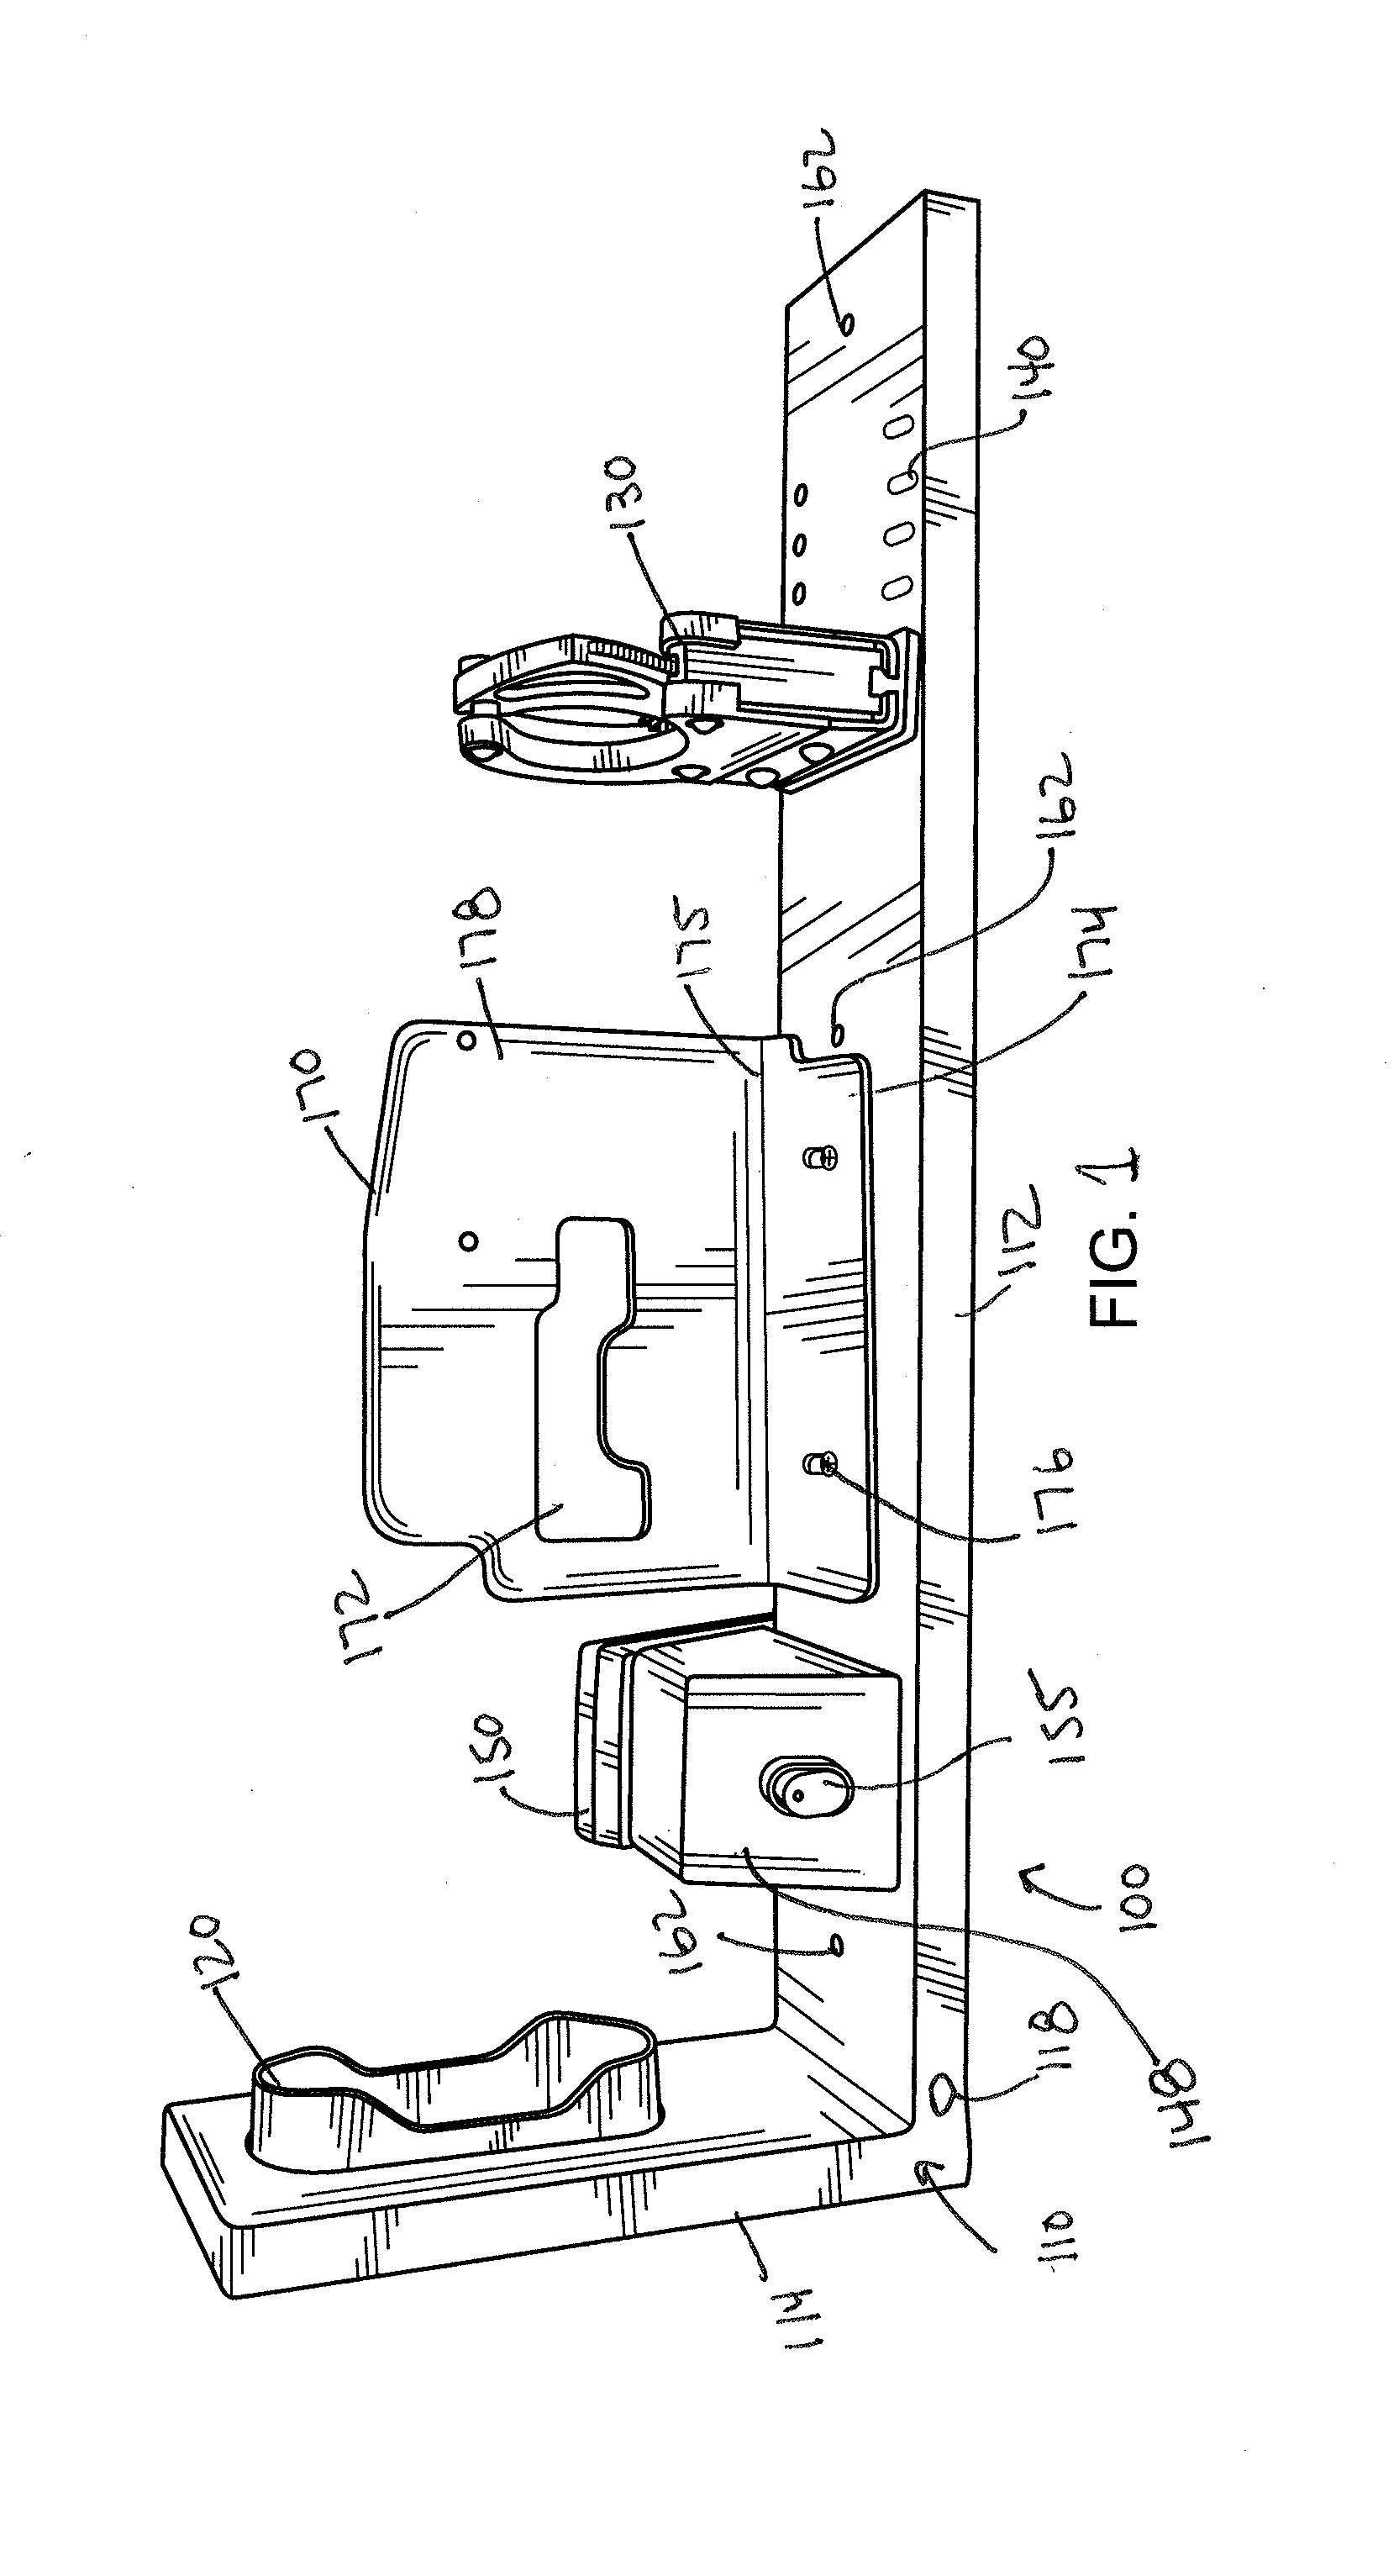 US20140263107A1 20140918 D00001 patent us20140263107 locking gun rack system with quick pro gard gun lock timer wiring diagram at honlapkeszites.co